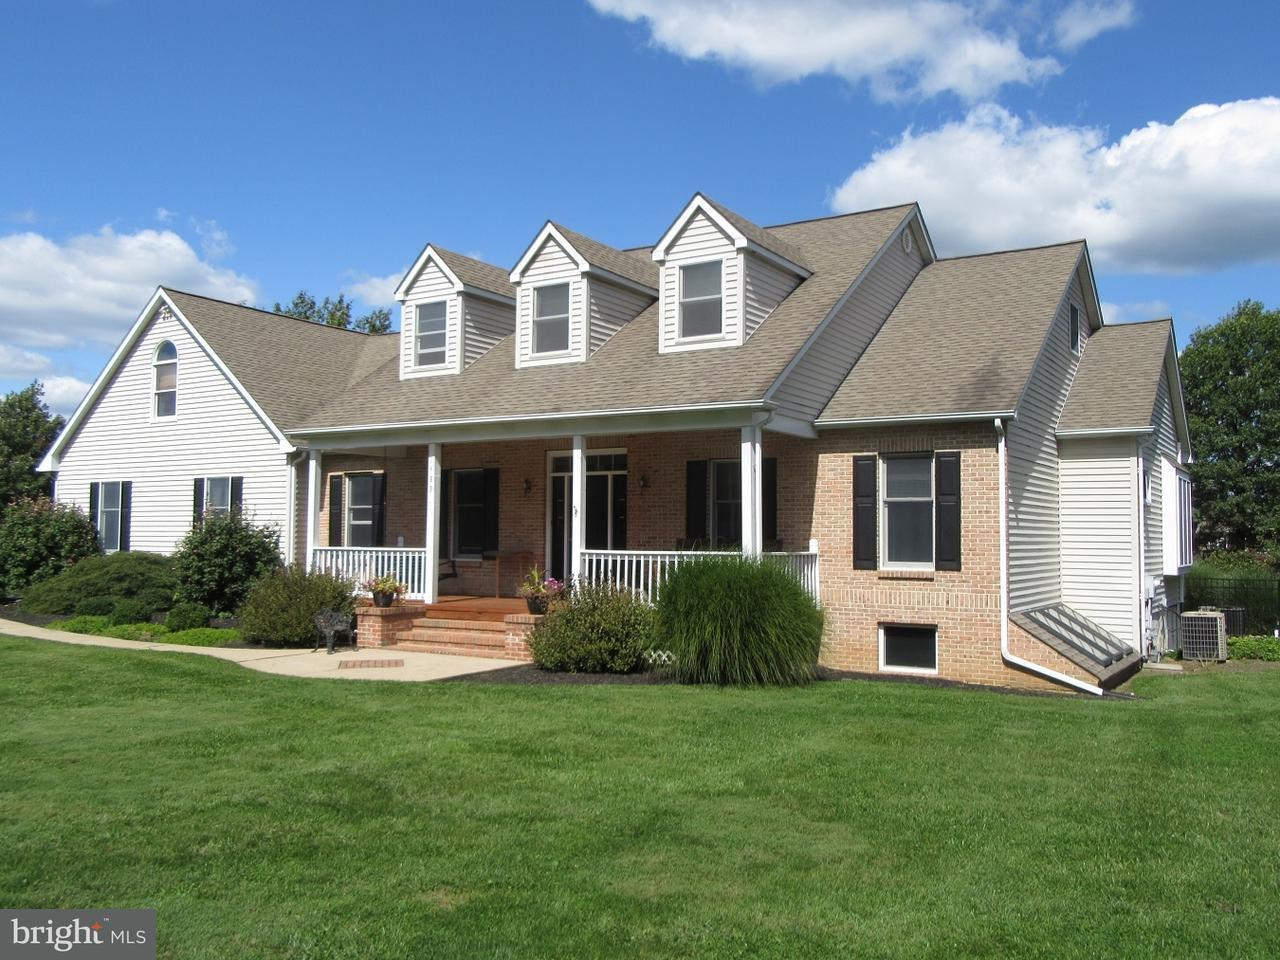 Casa Unifamiliar por un Venta en 1489 TURKEY TROT Road Warminster, Pennsylvania 18974 Estados Unidos